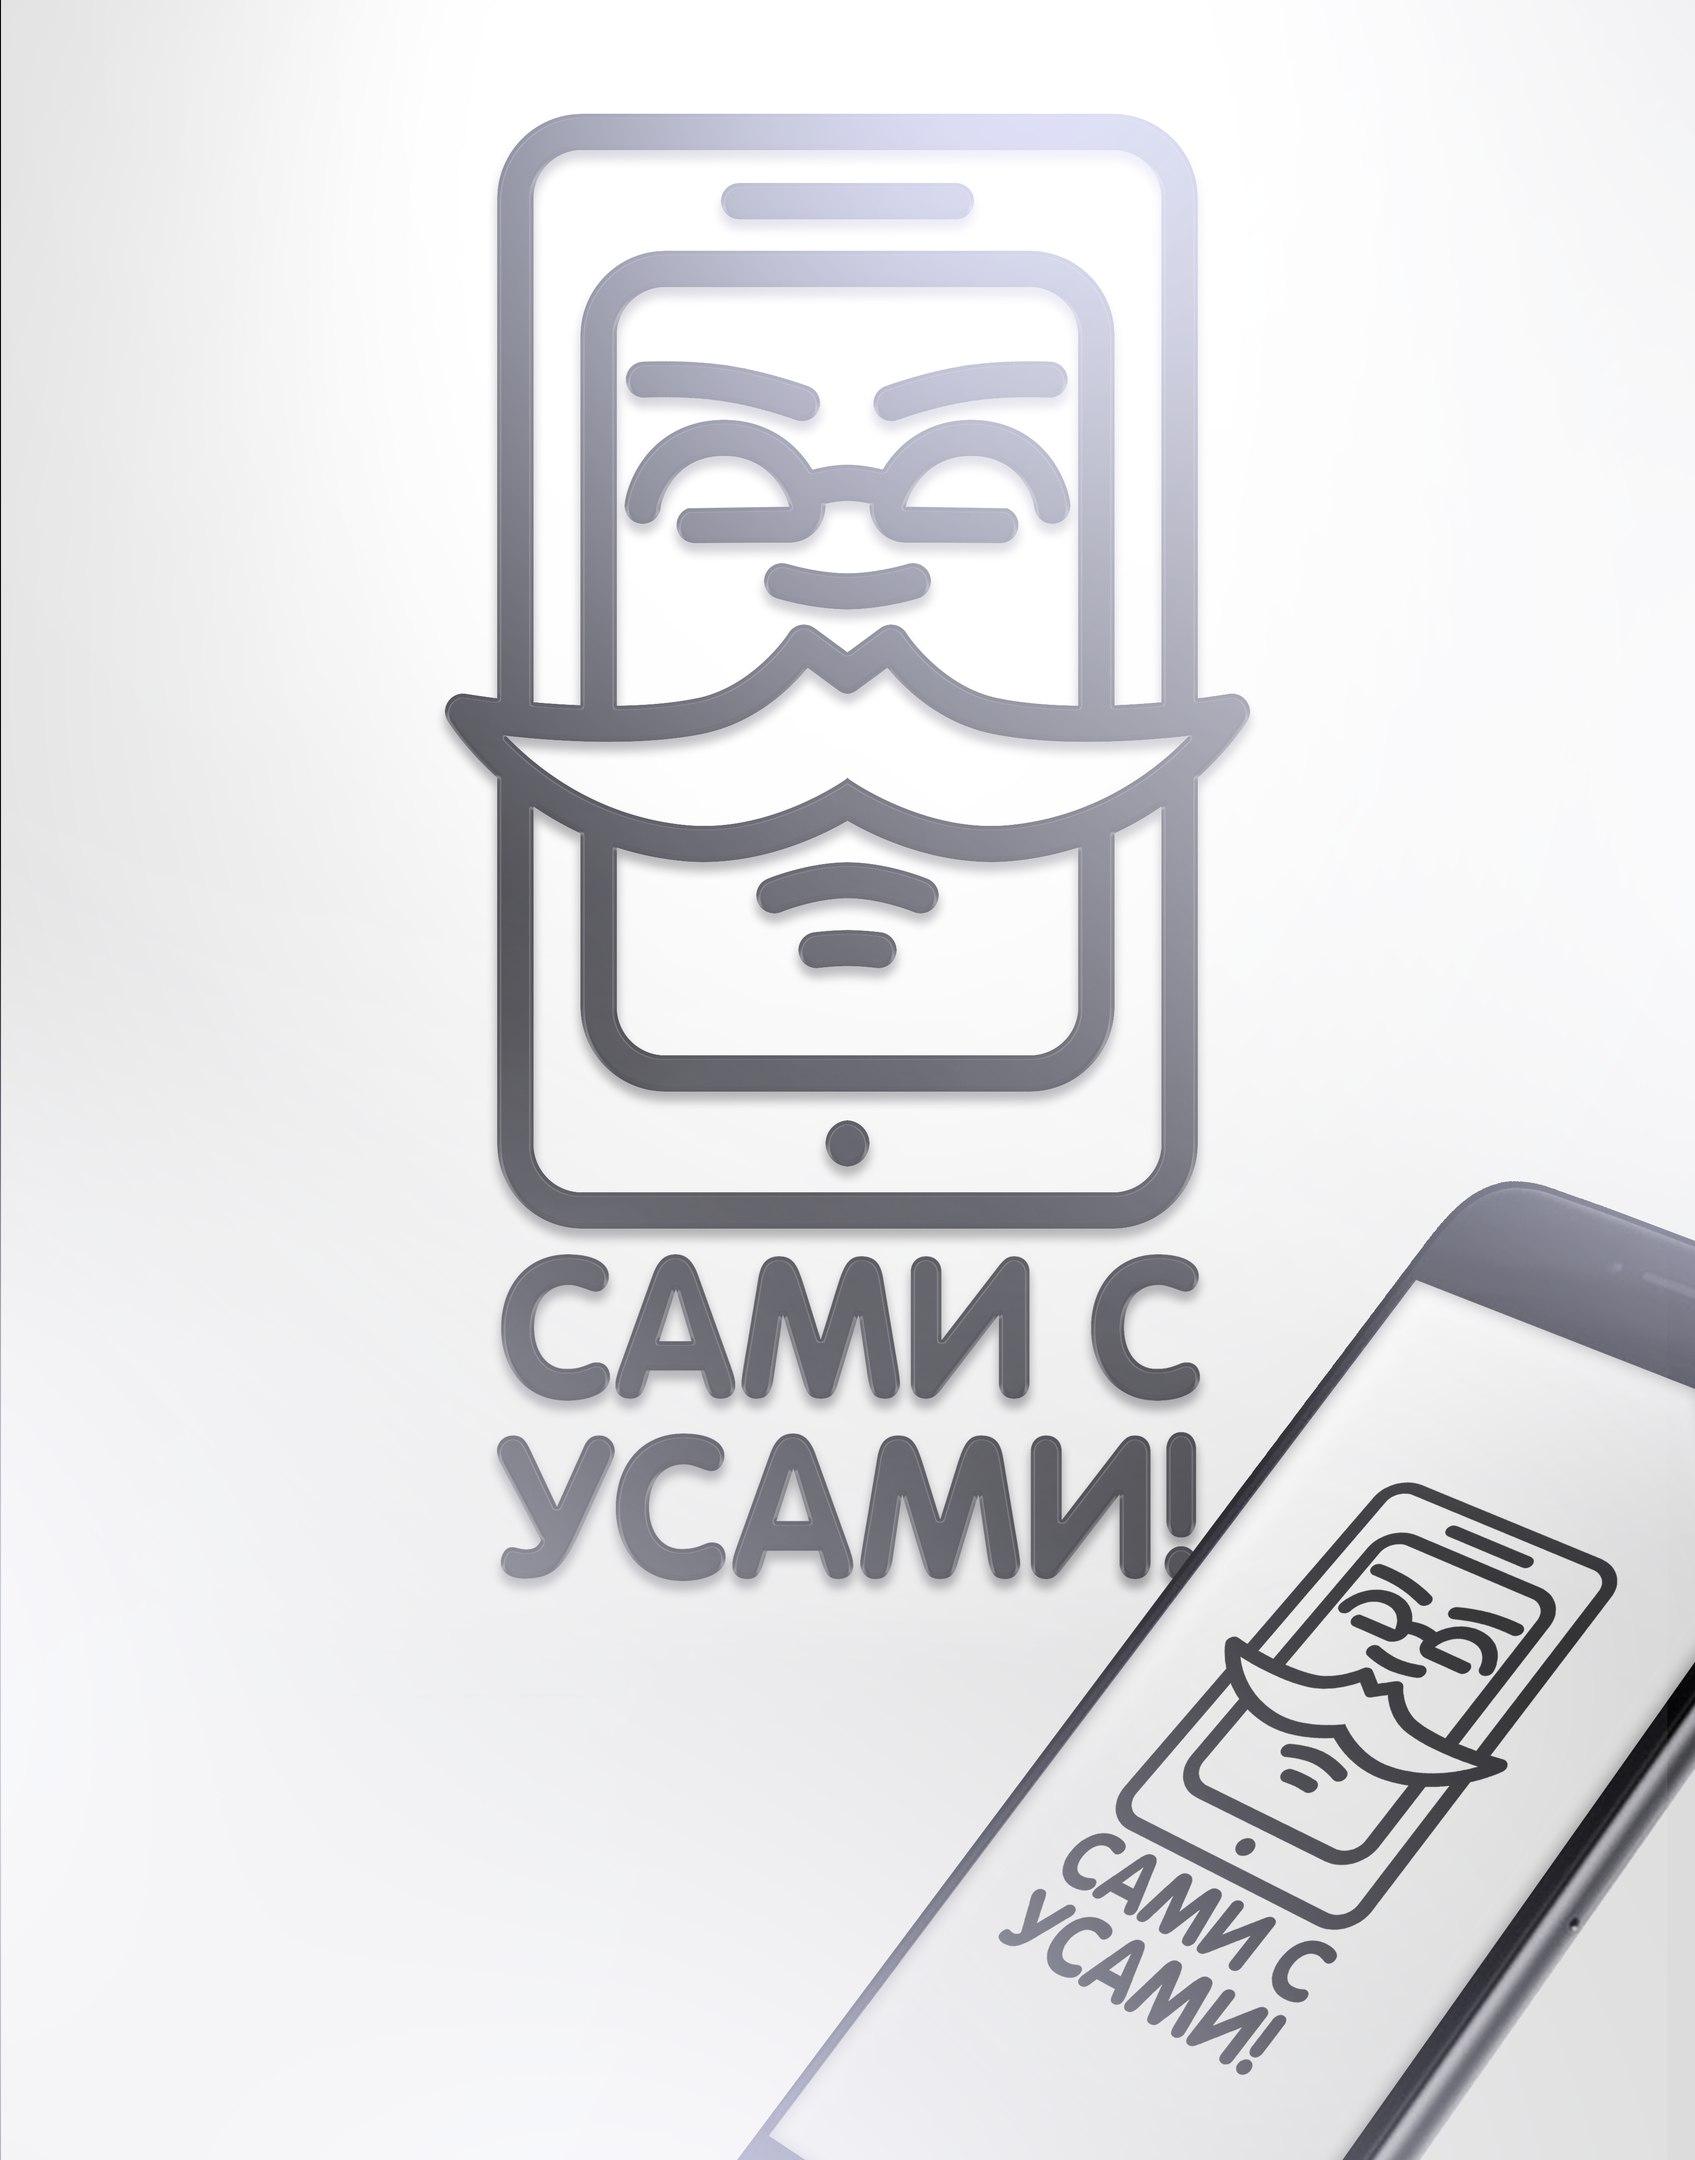 Разработка Логотипа 6 000 руб. фото f_20158f61b3bb861c.jpg